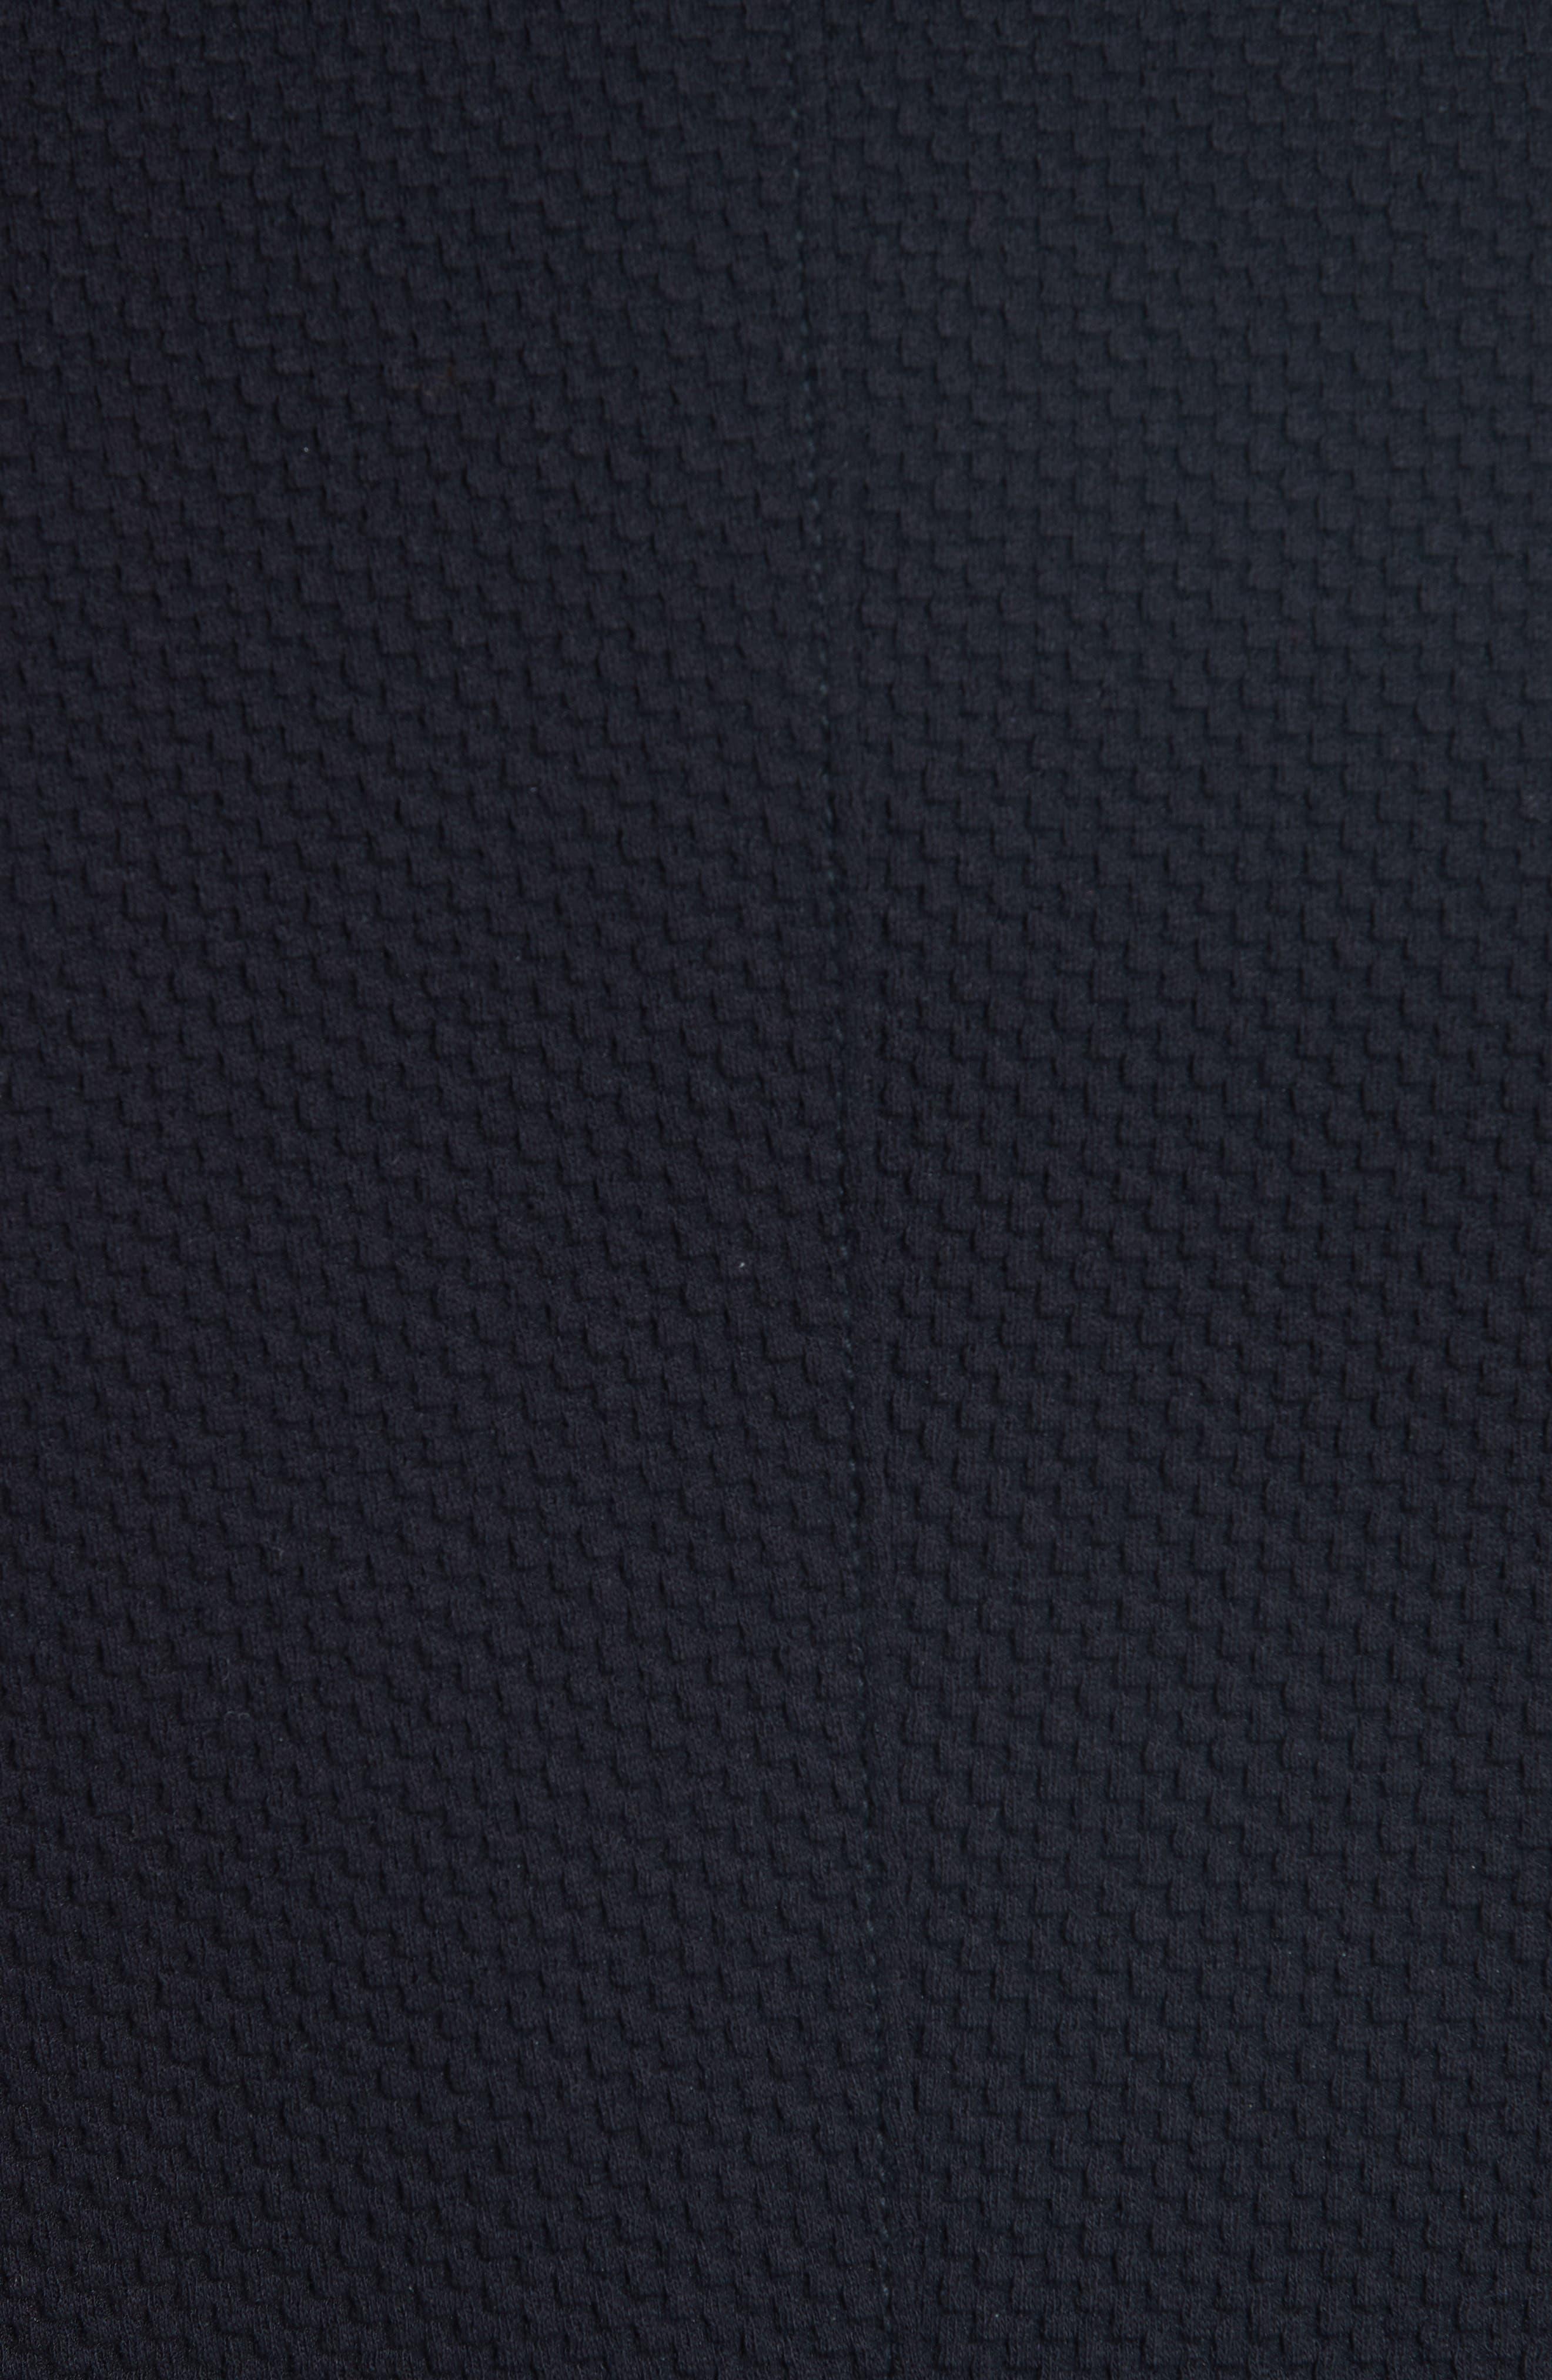 Slim Fit Stretch Cotton Blend Sport Coat,                             Alternate thumbnail 6, color,                             BLACK